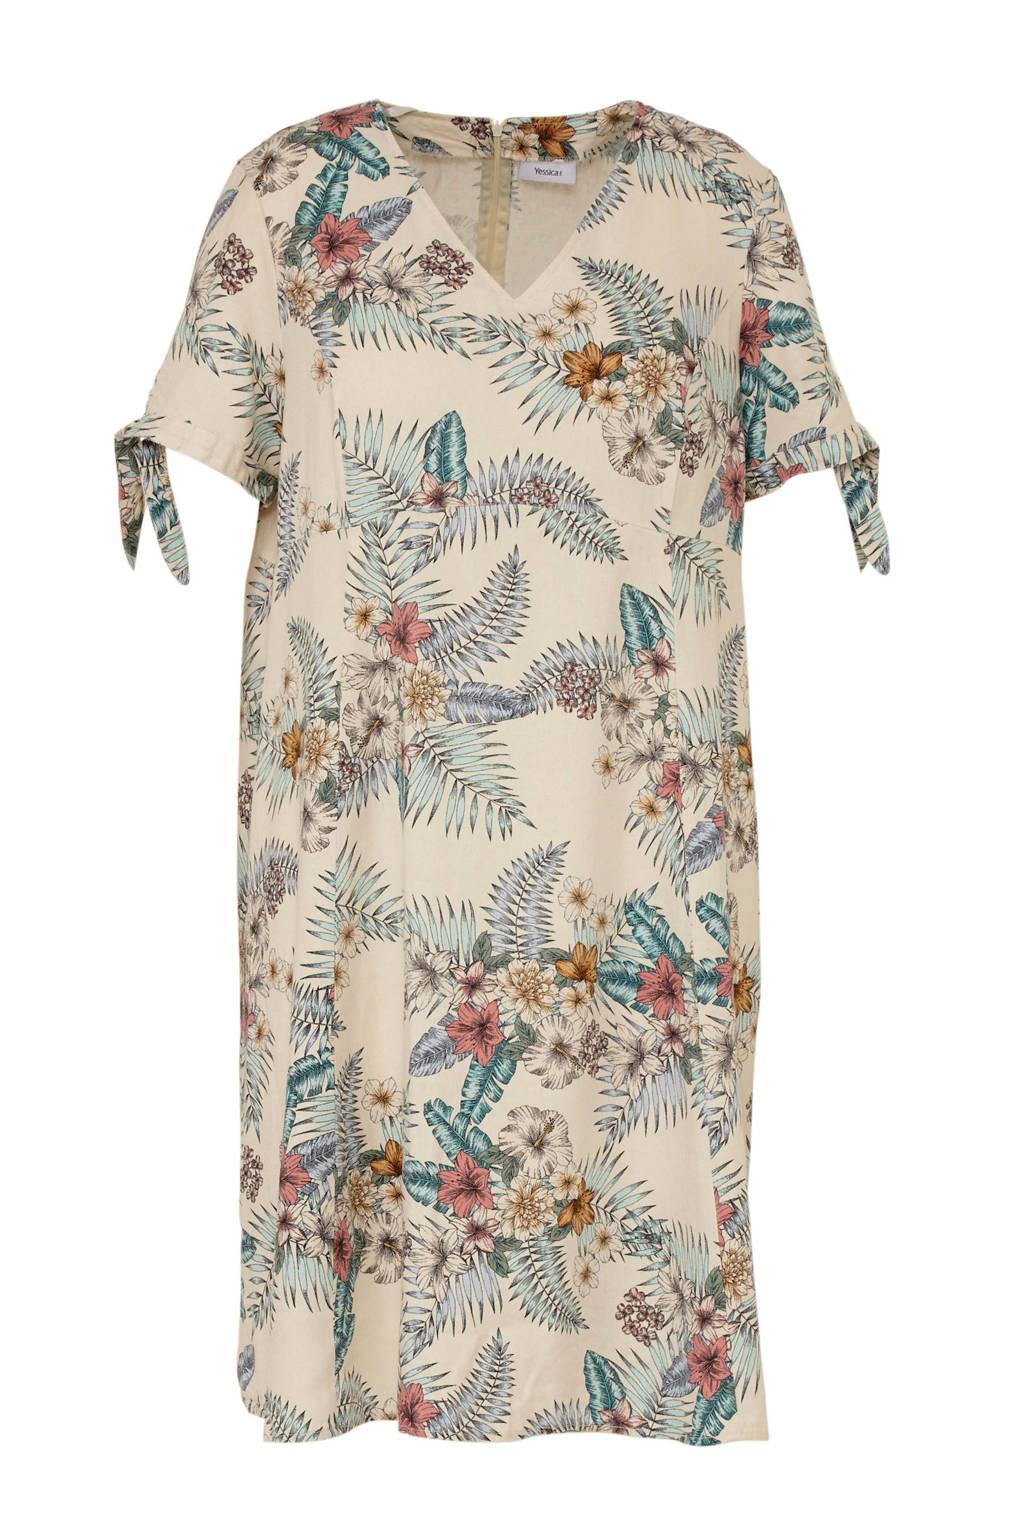 C&A XL Yessica gebloemde jurk met linnen ecru, Ecru/mintgroen